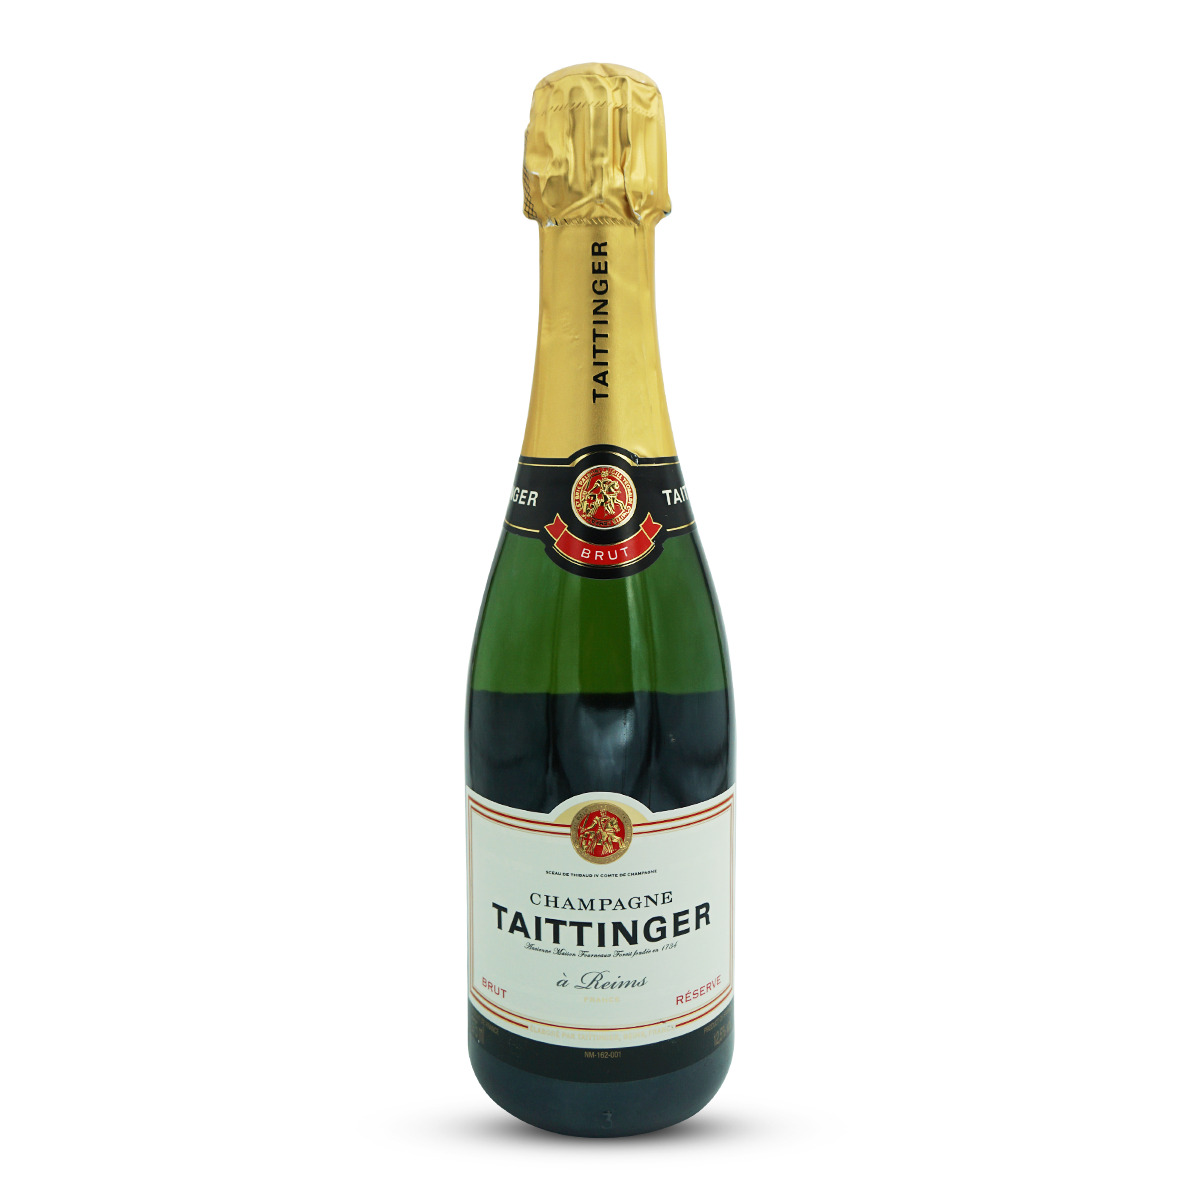 Taittinger Champagne Brut Réserve AOC